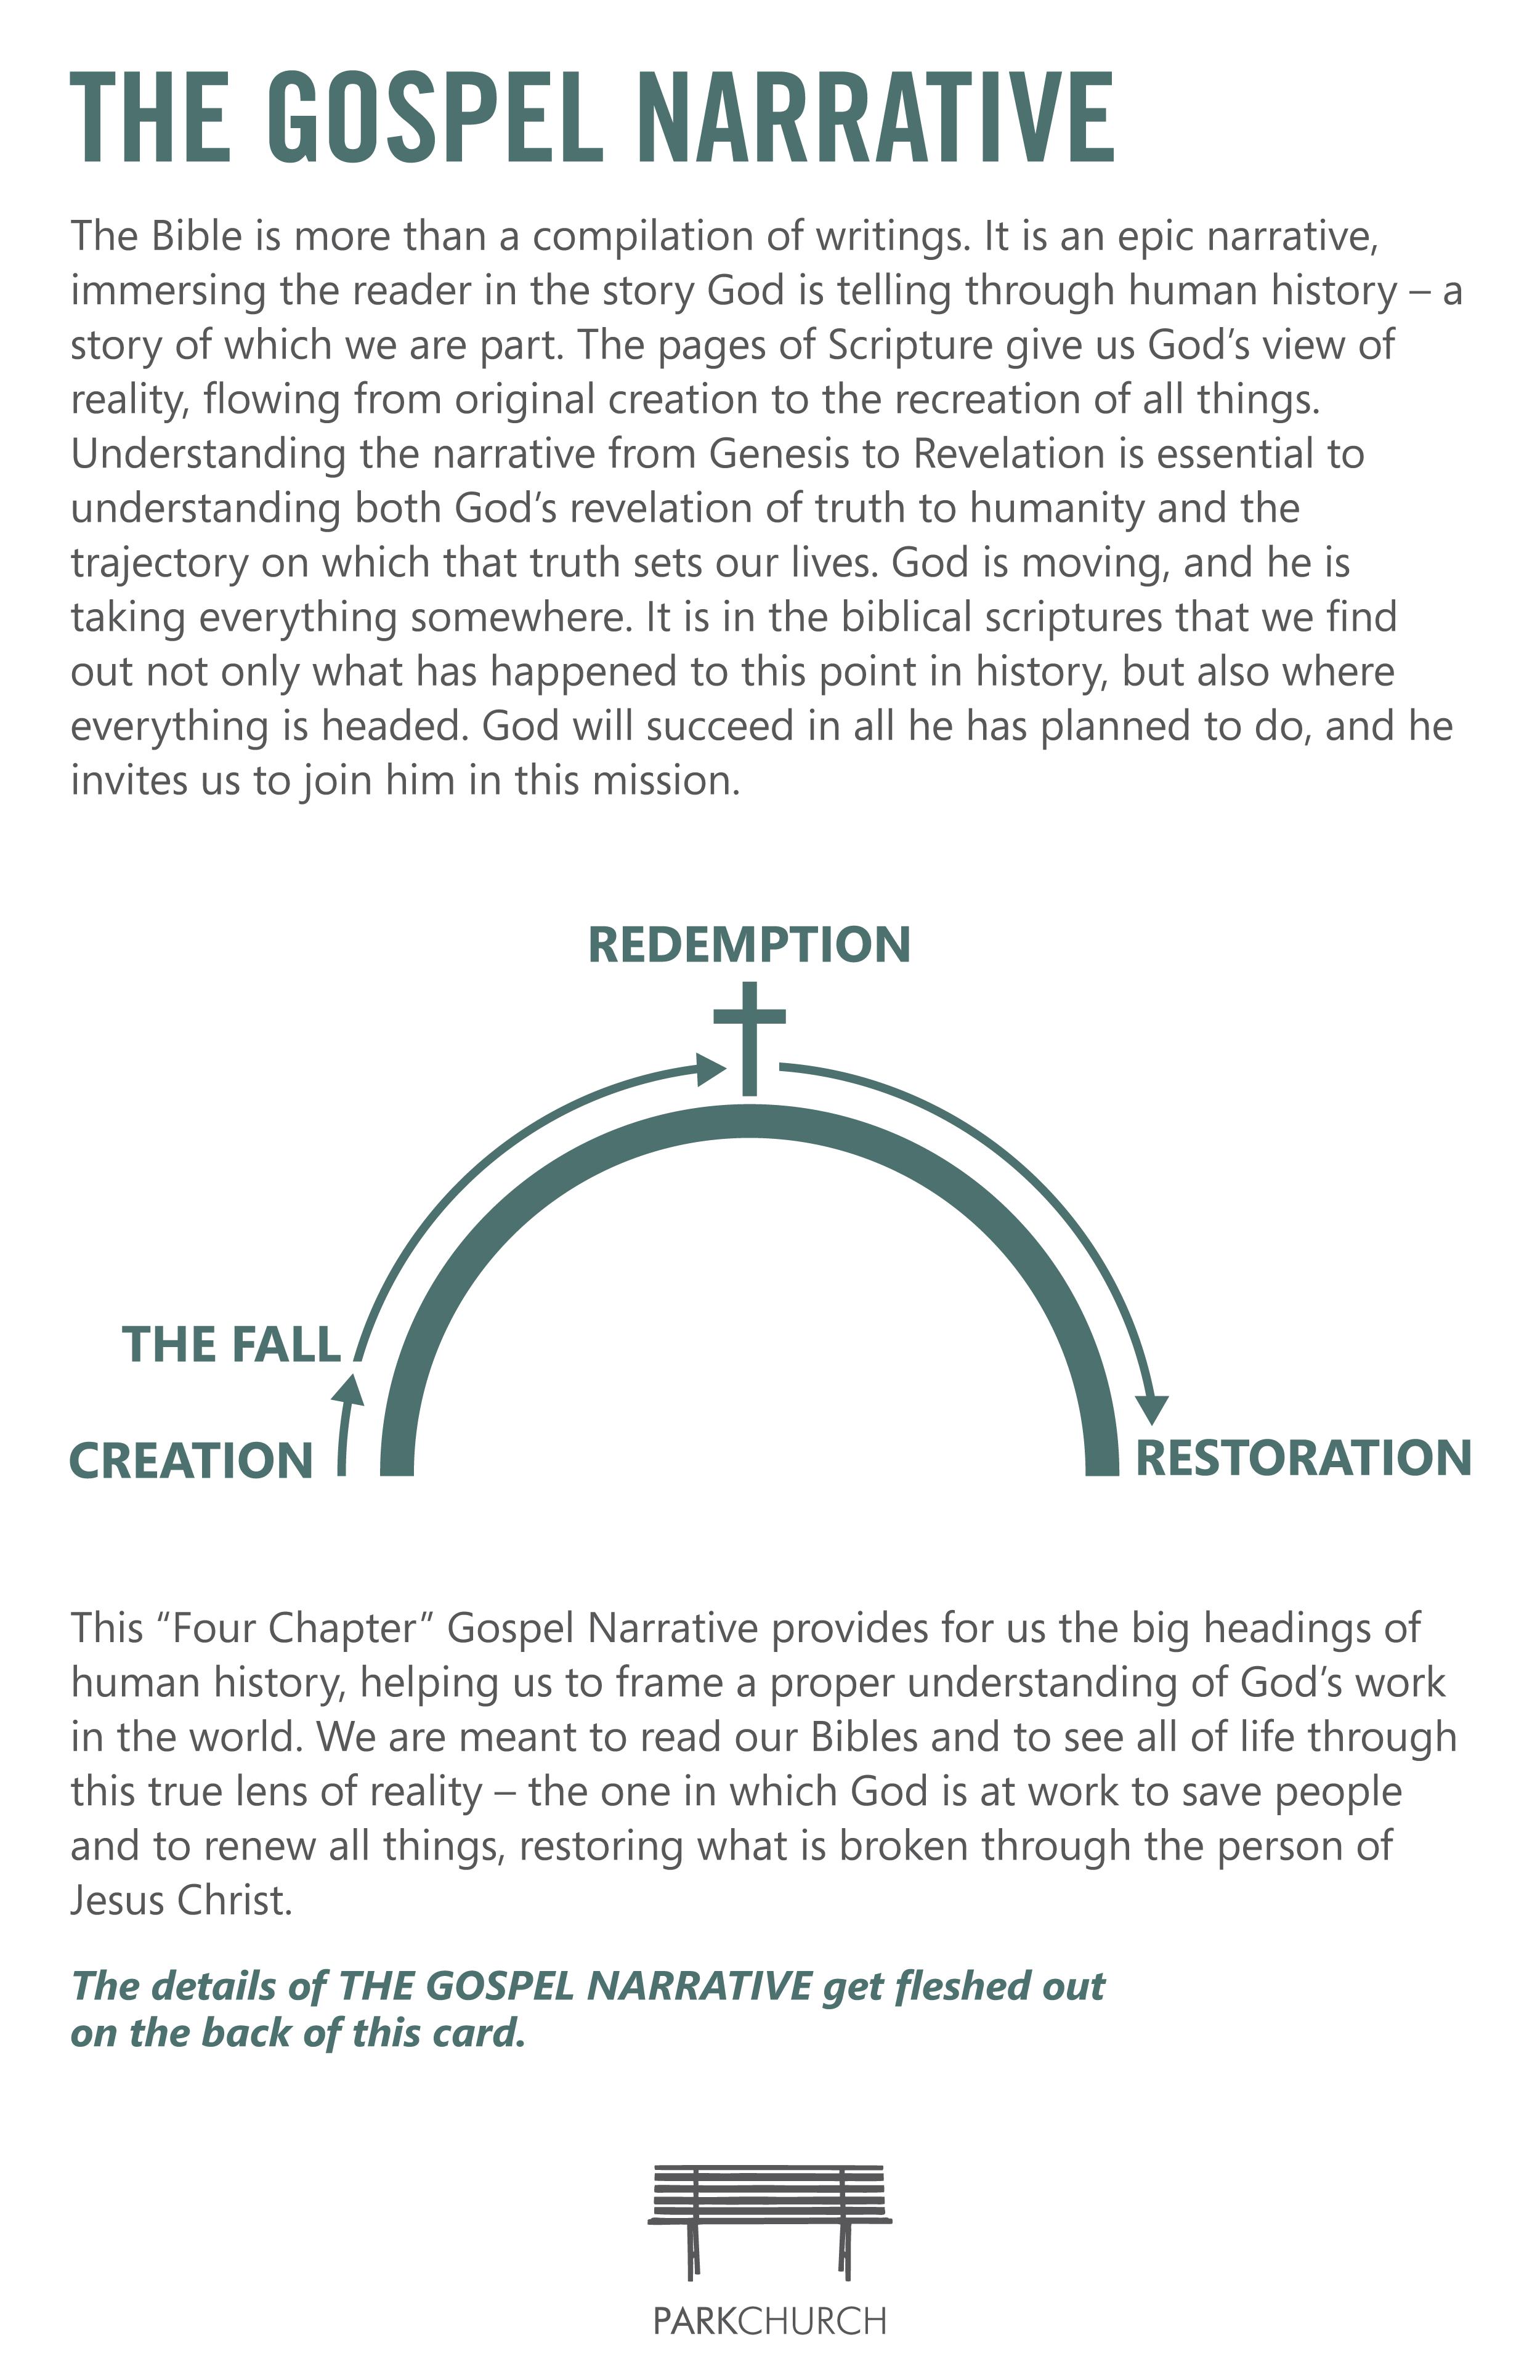 The Gospel Narrative